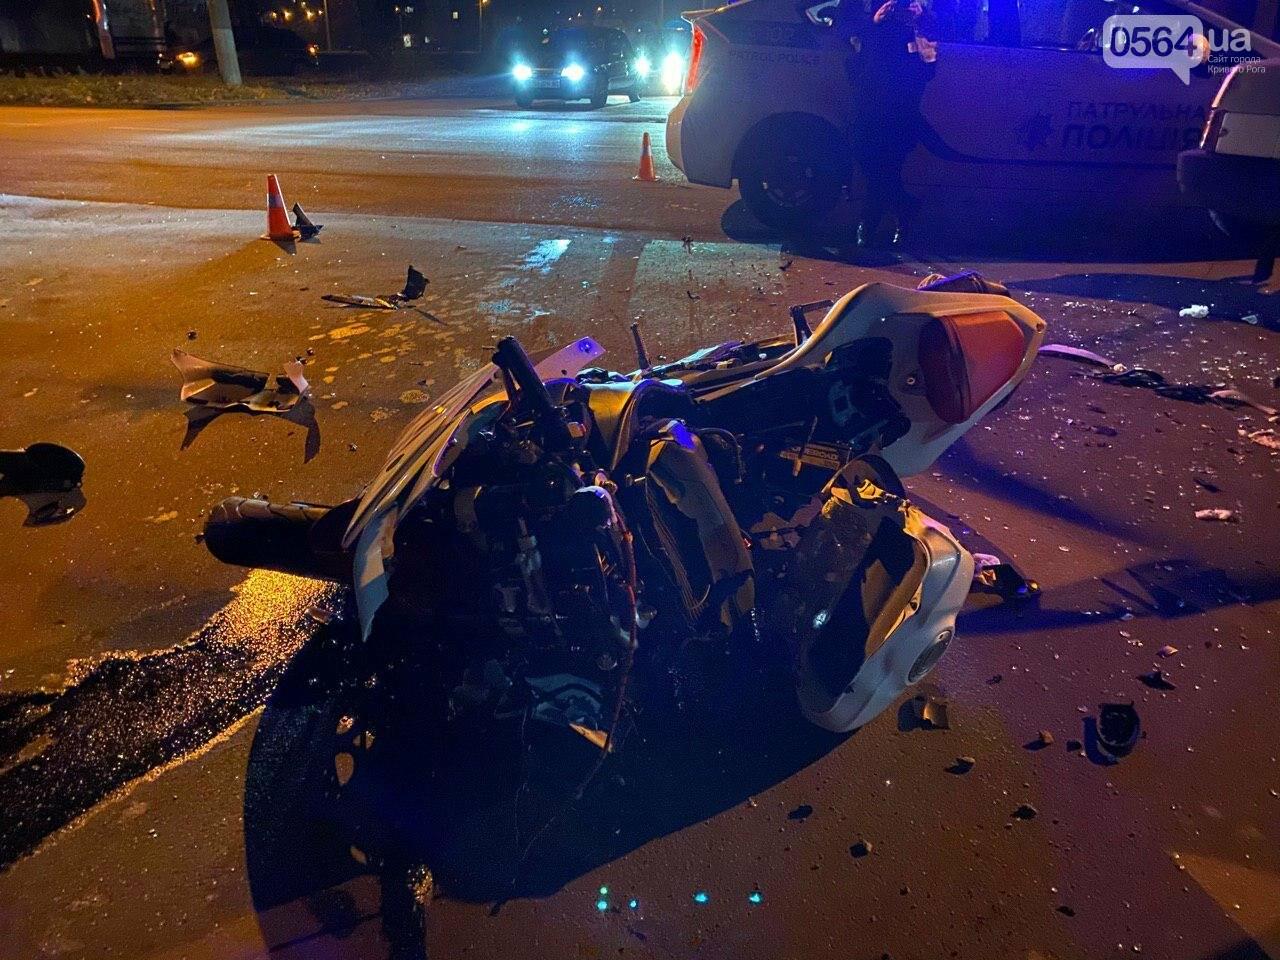 Тройное ДТП в Кривом Роге - дорогу не поделили мотоцикл и две легковушки. Есть пострадавшие, - ФОТО, ВИДЕО, фото-19